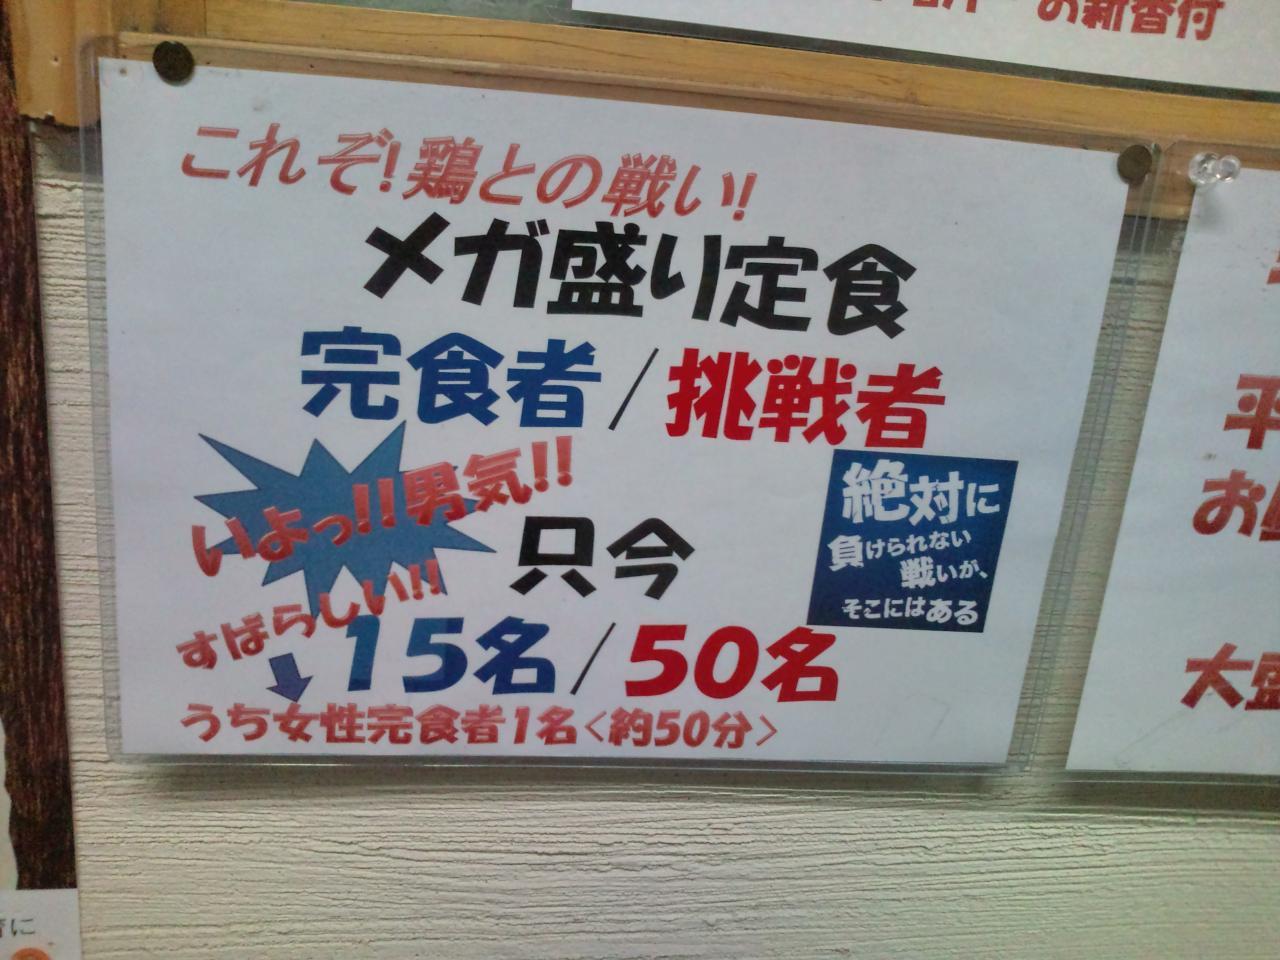 えぞや六角橋店(メガ盛り完食者)